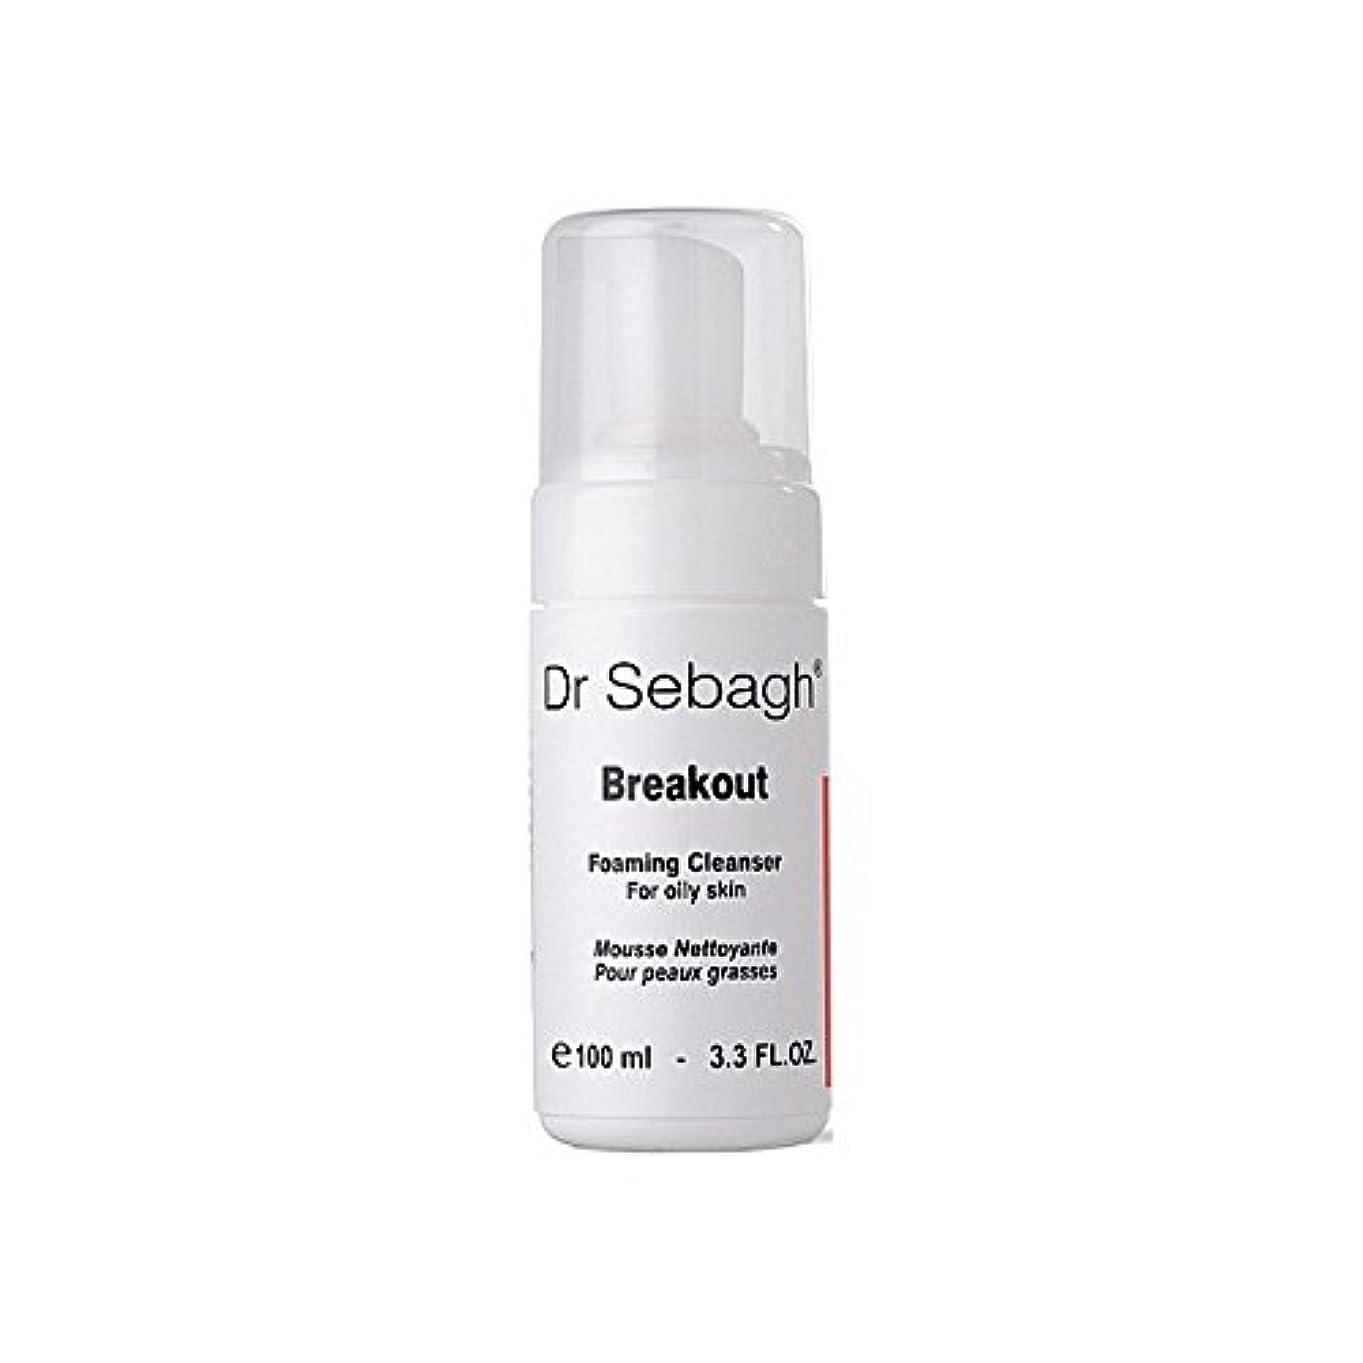 似ている勧告事実Dr Sebagh Breakout Foaming Cleanser - クレンザーを発泡の のブレイクアウト [並行輸入品]